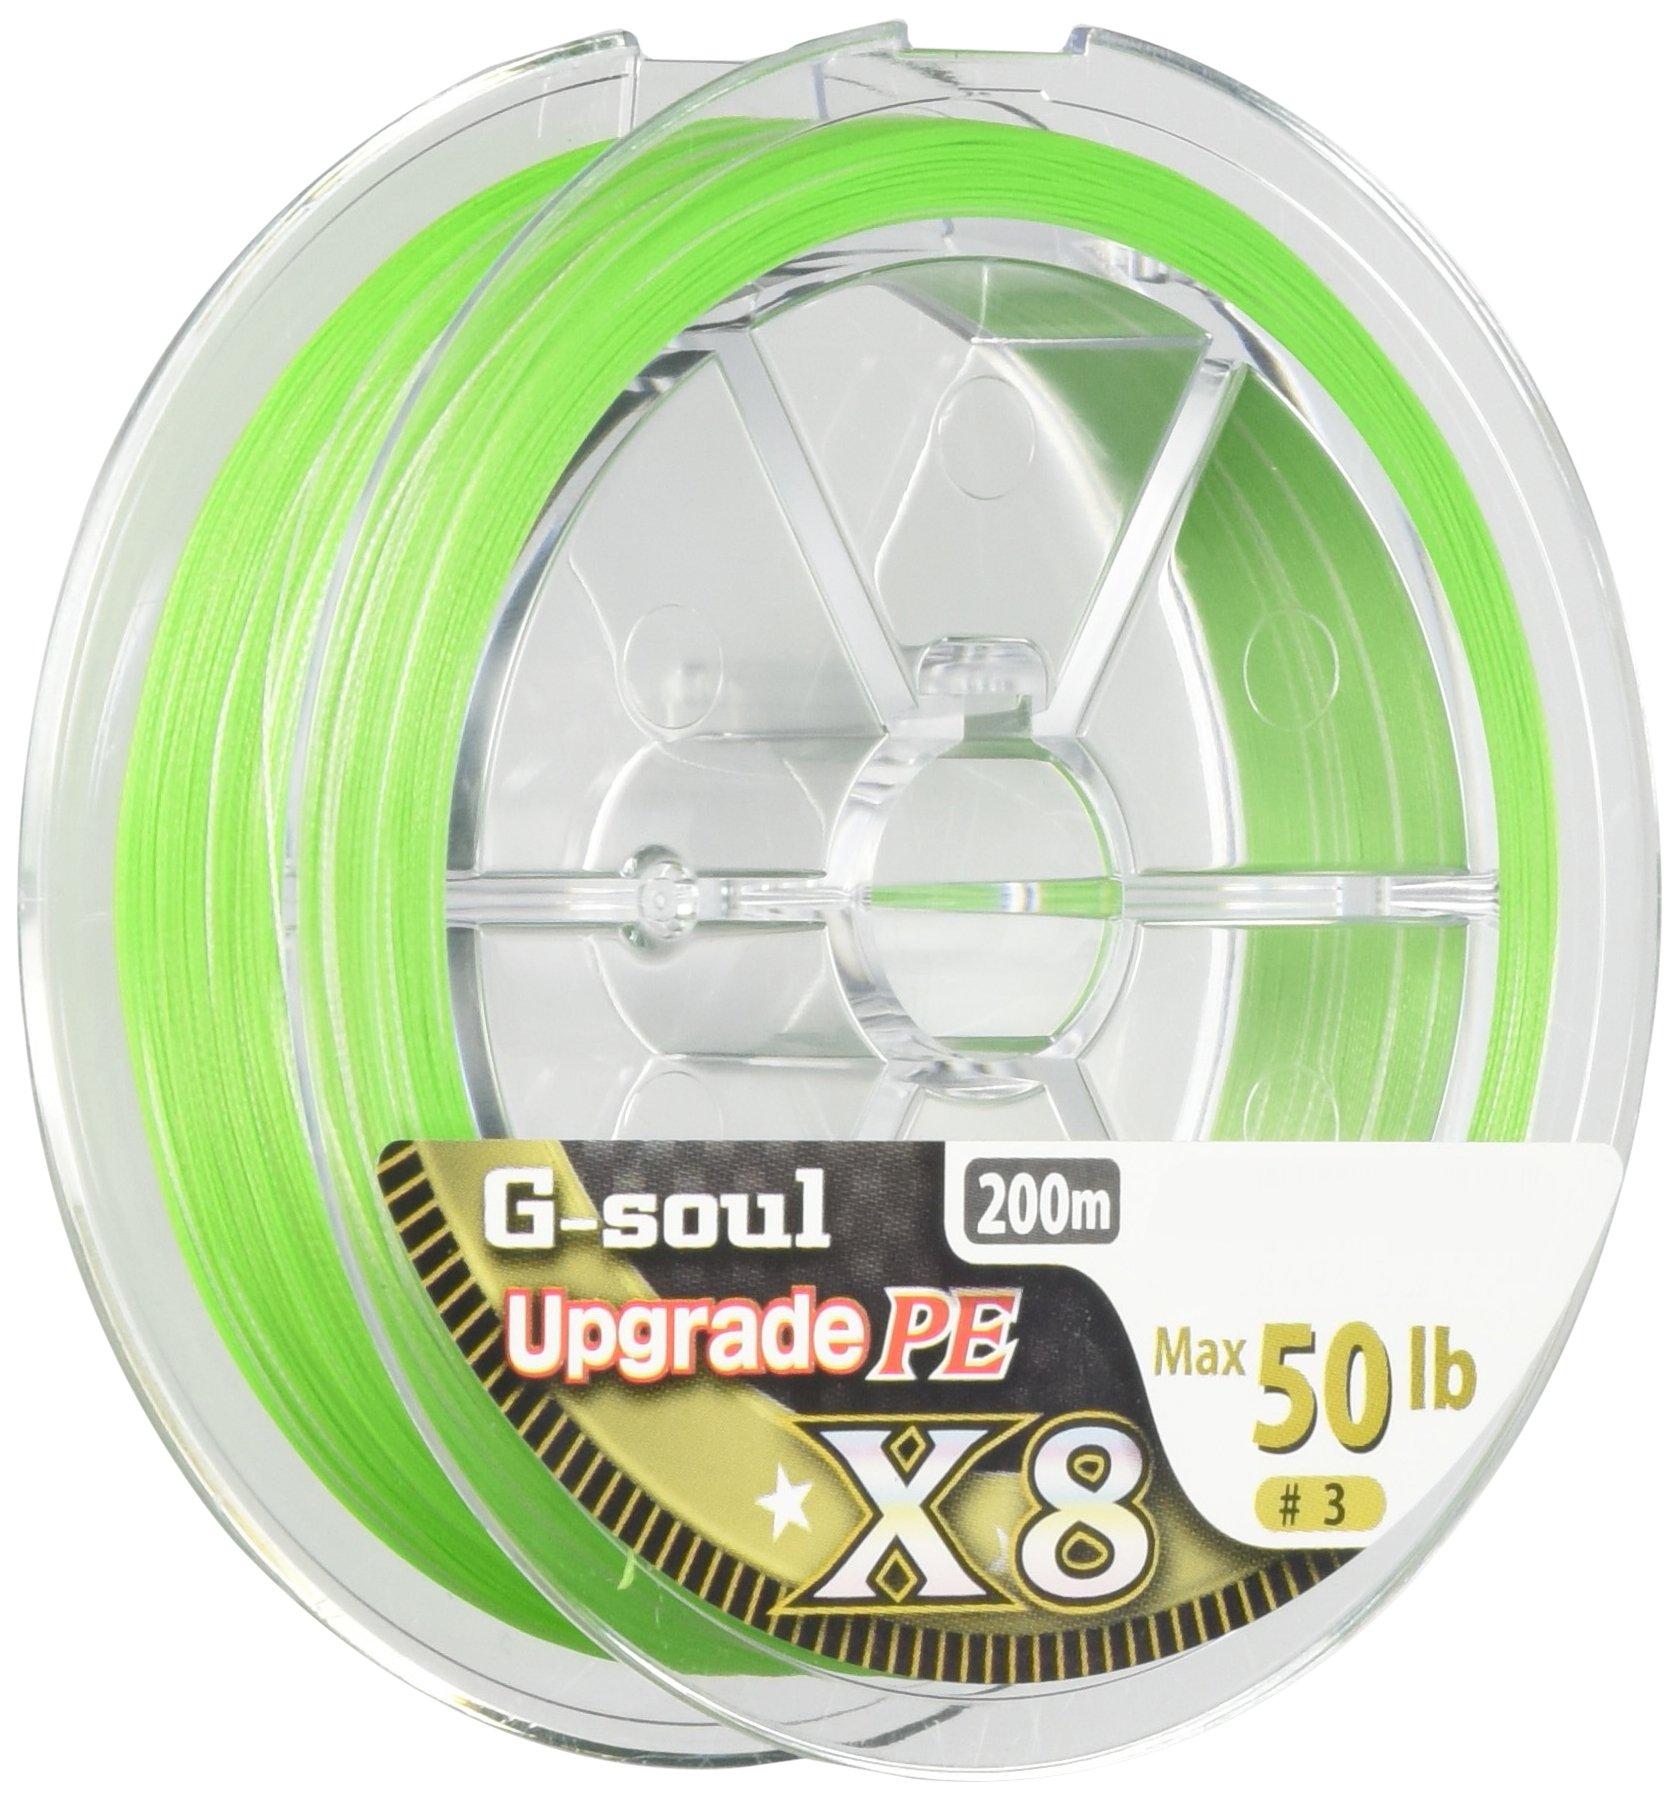 よつあみ(YGK) ライン G-soul X8 UPGRADE 200m product image